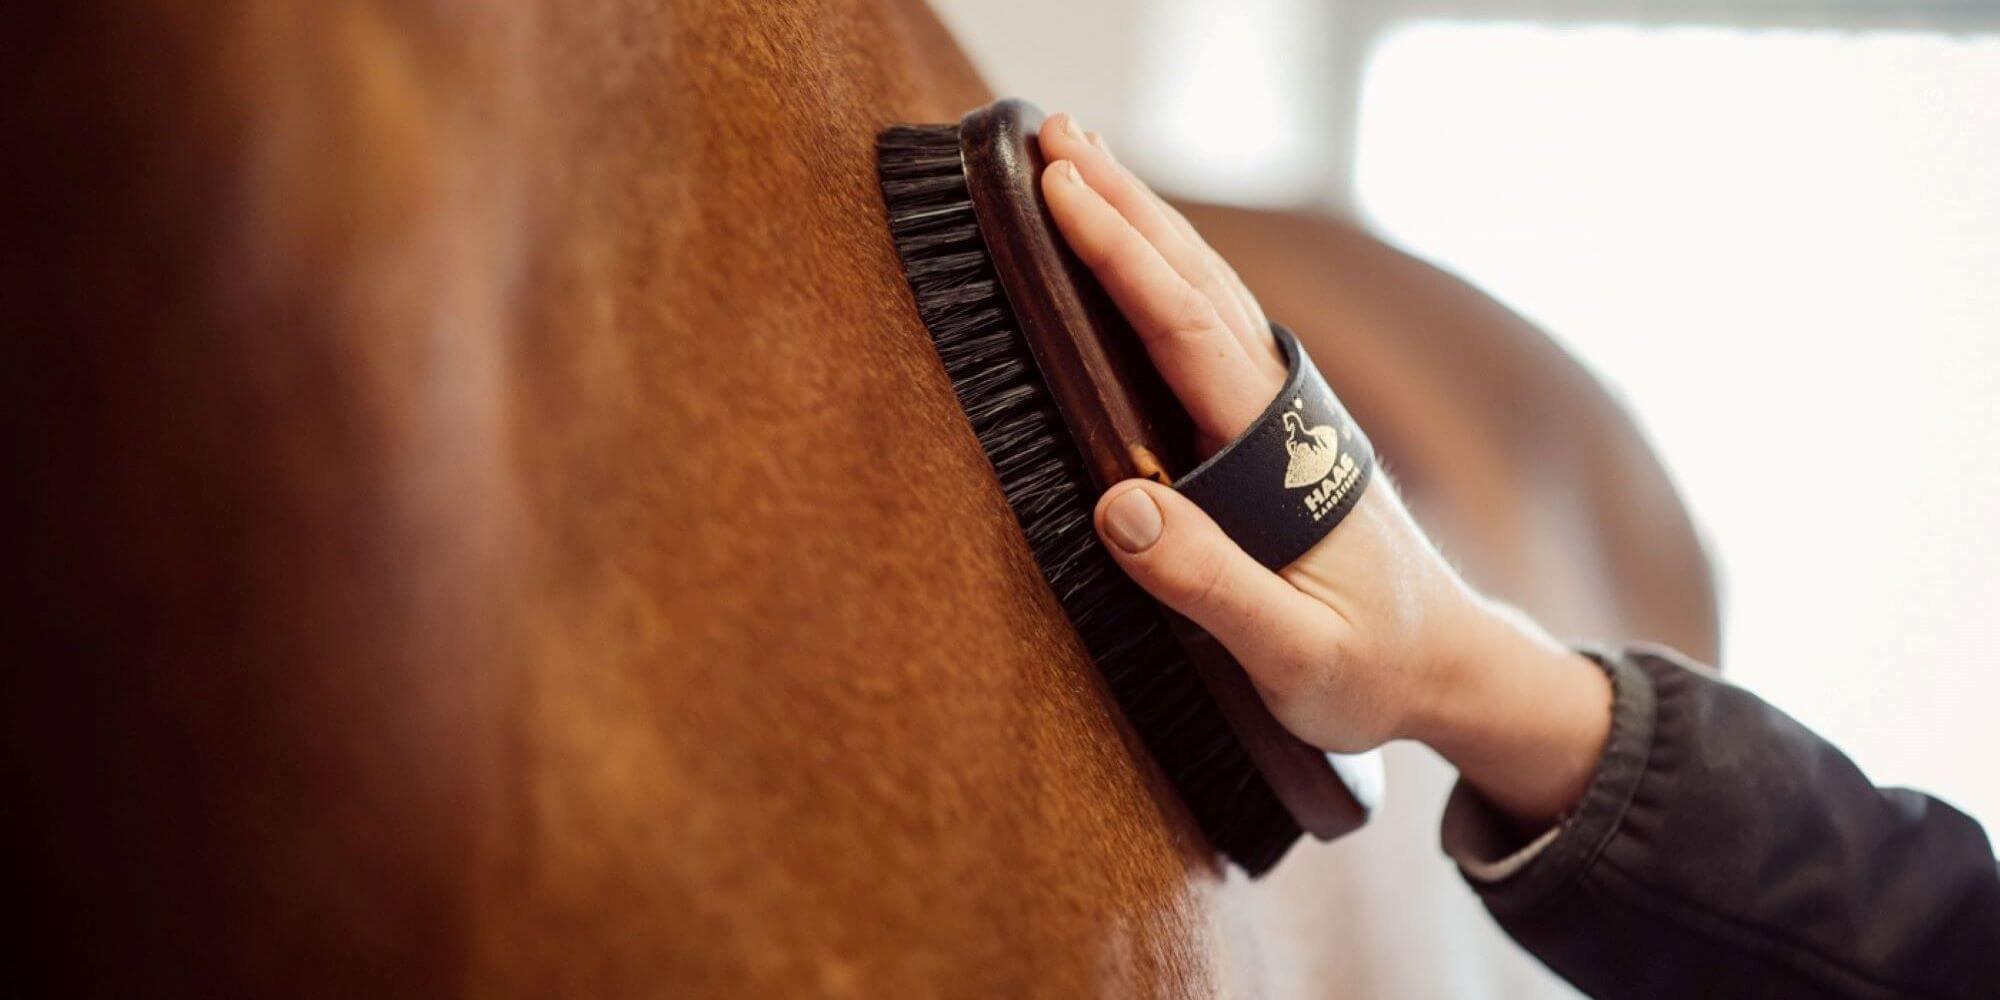 Pferdepflege: das richtige Zubehör und nützliche Tipps